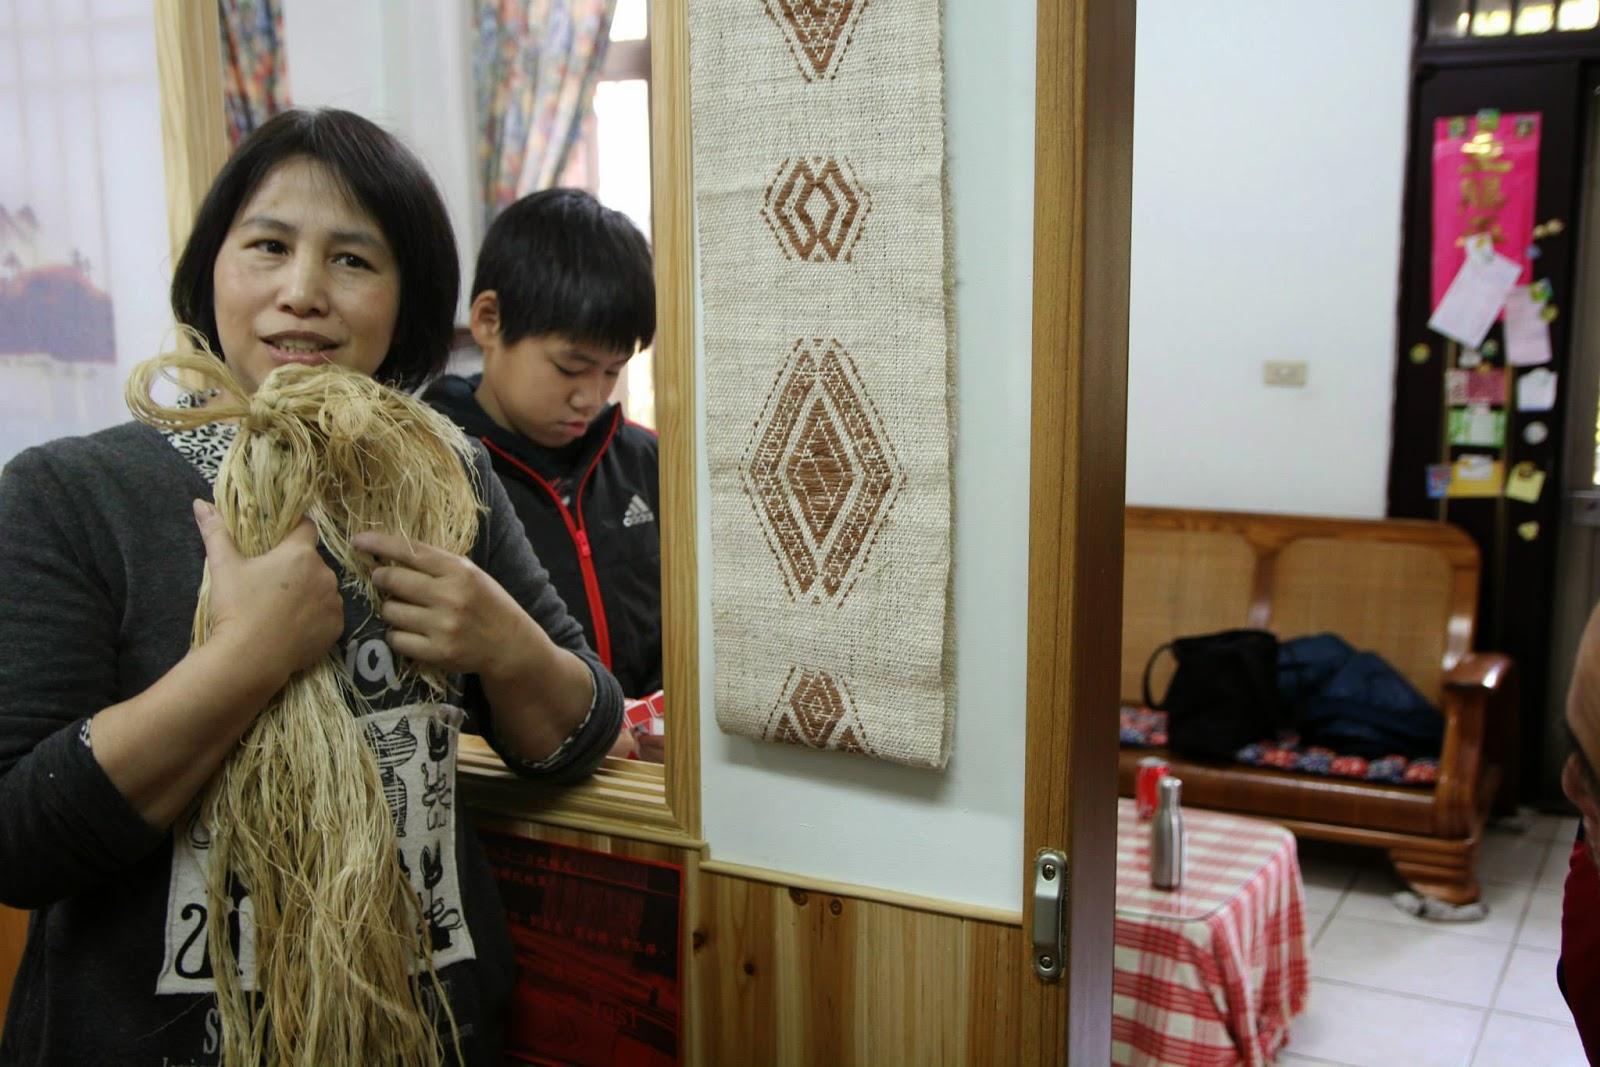 水源部落旅遊部落旅行工作假期